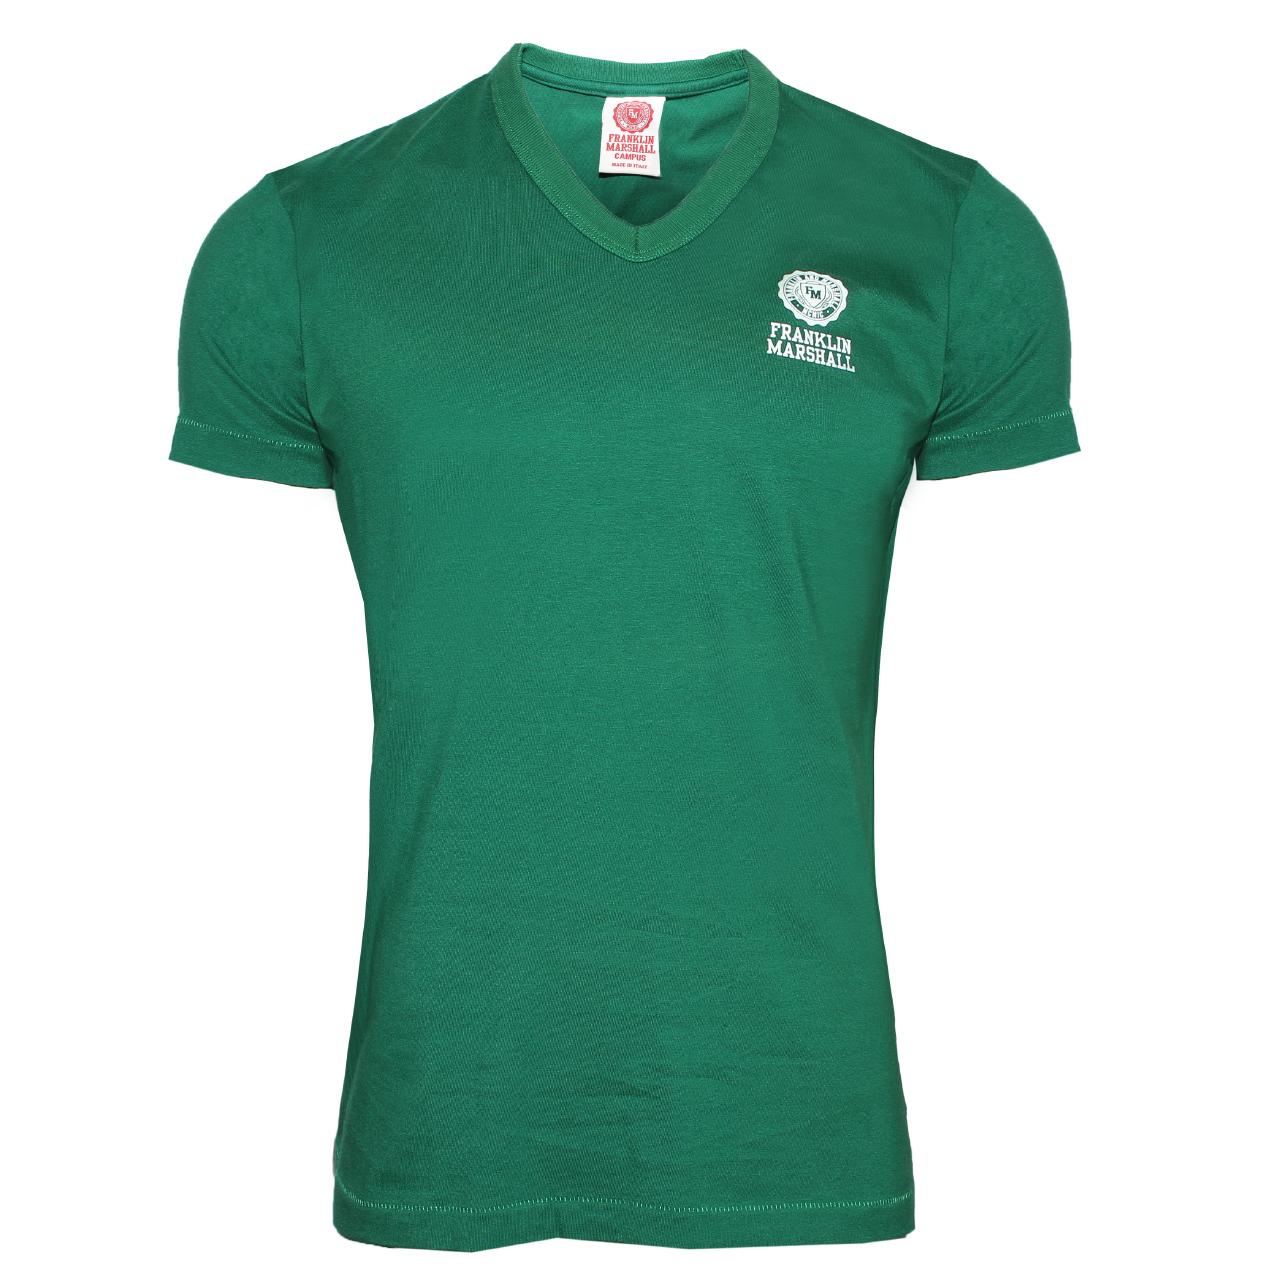 تی شرت مردانه فرانکلین مارشال مدل Jersey کد 074G